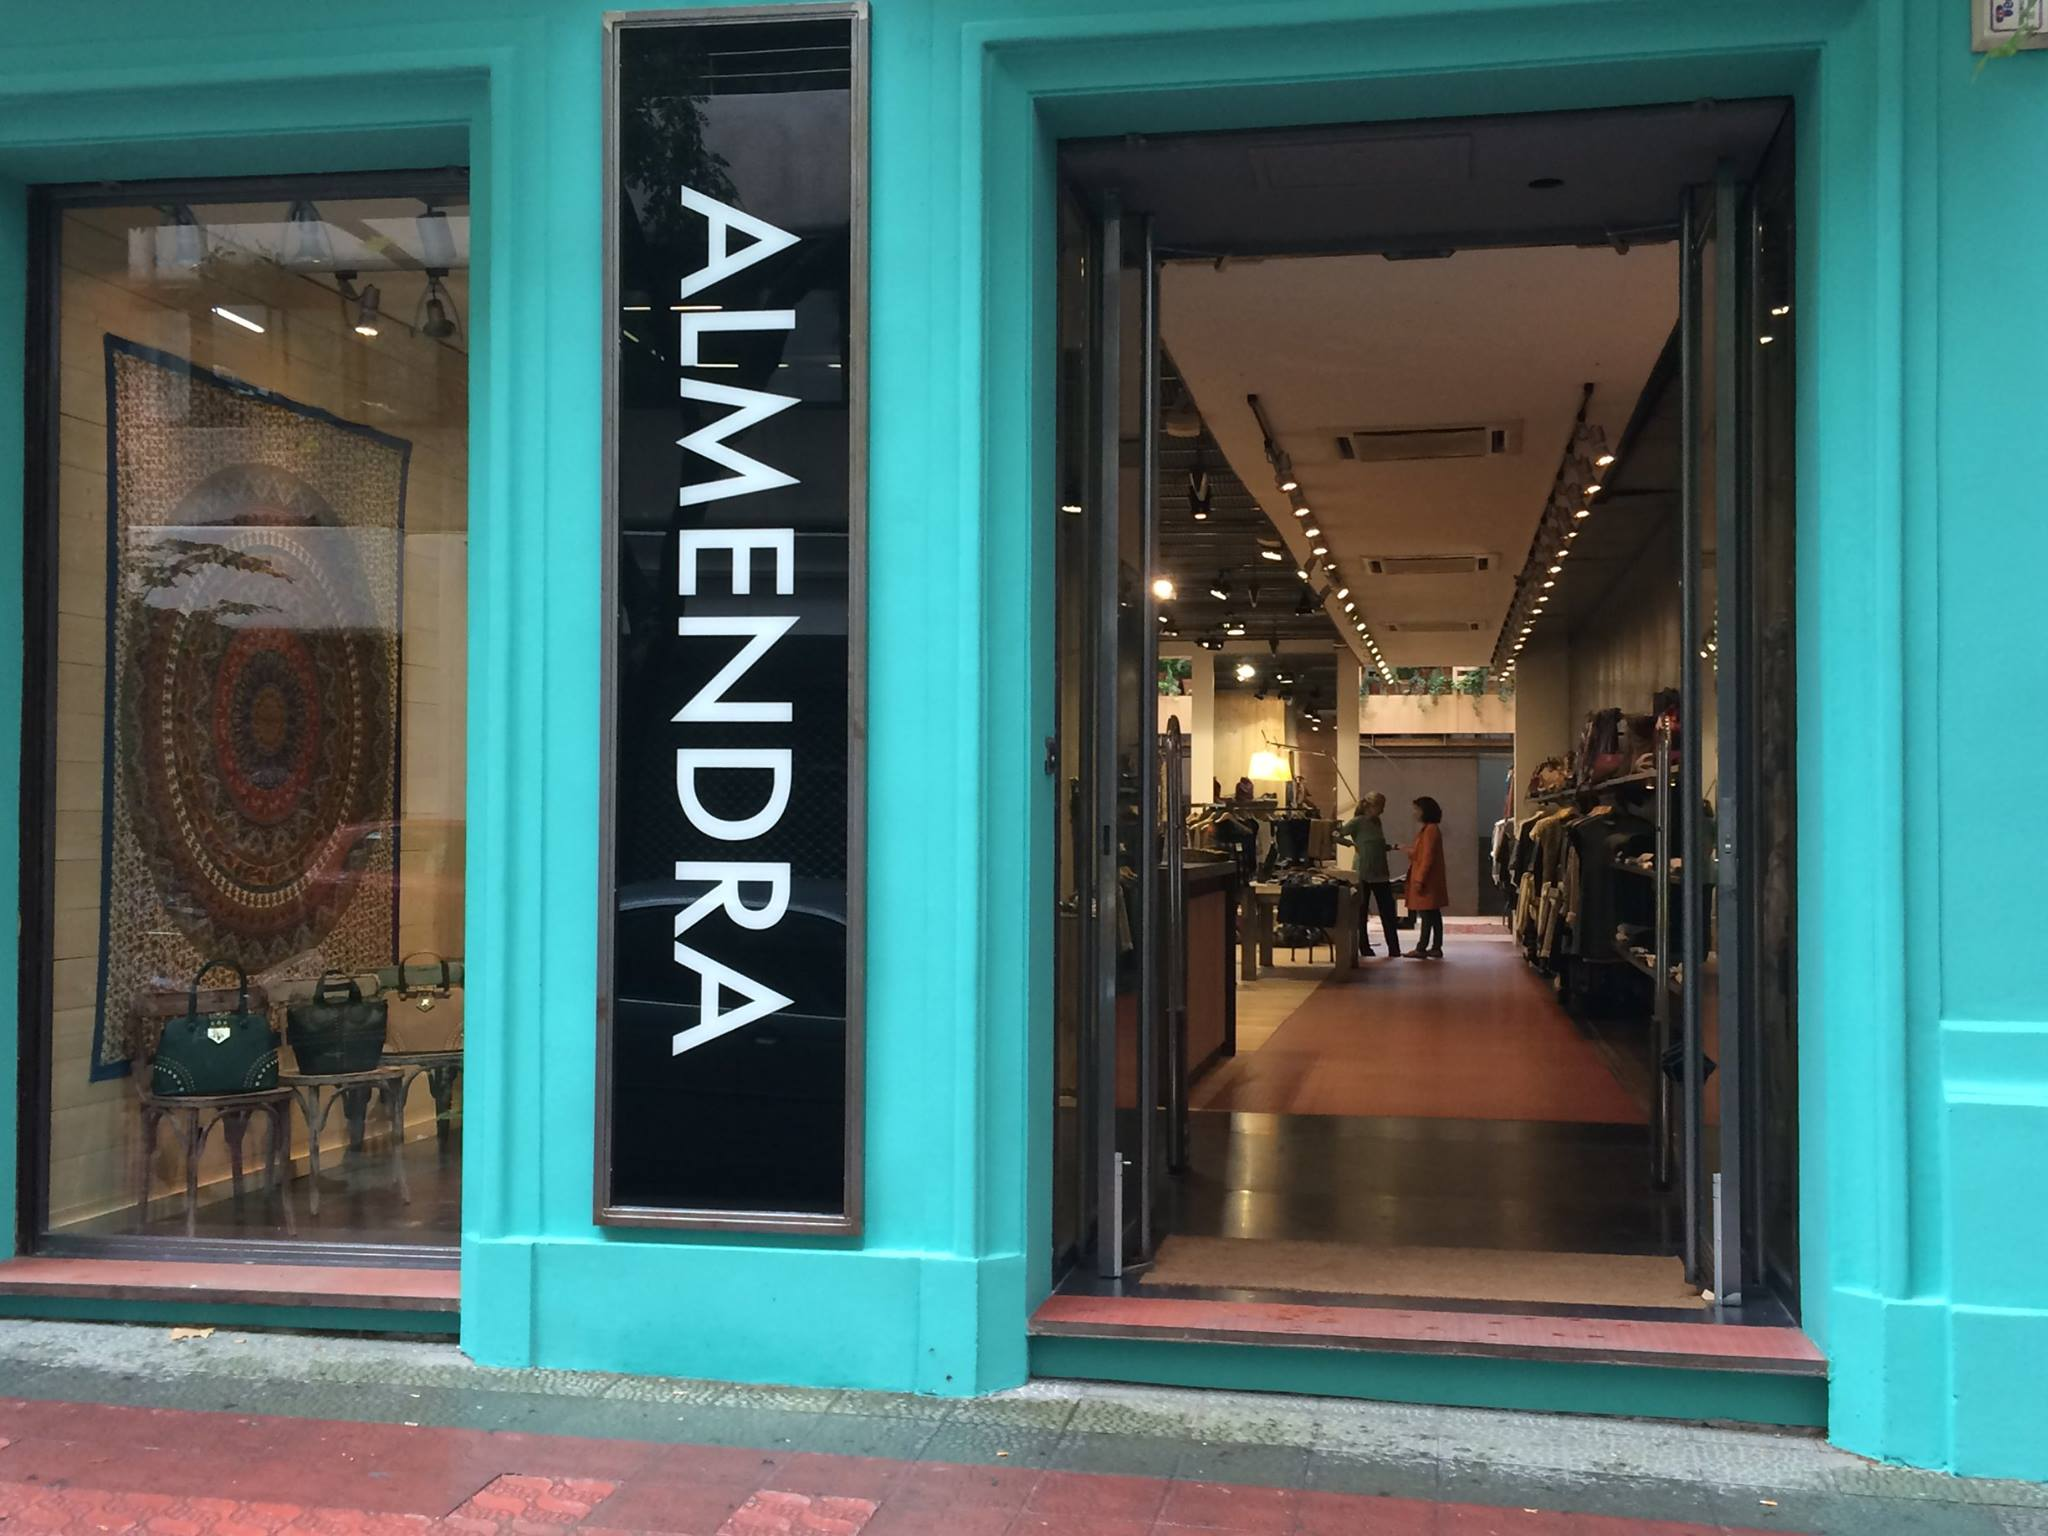 Tiendas de decoracion zaragoza otoo invierno with tiendas for Decoracion hogar zaragoza